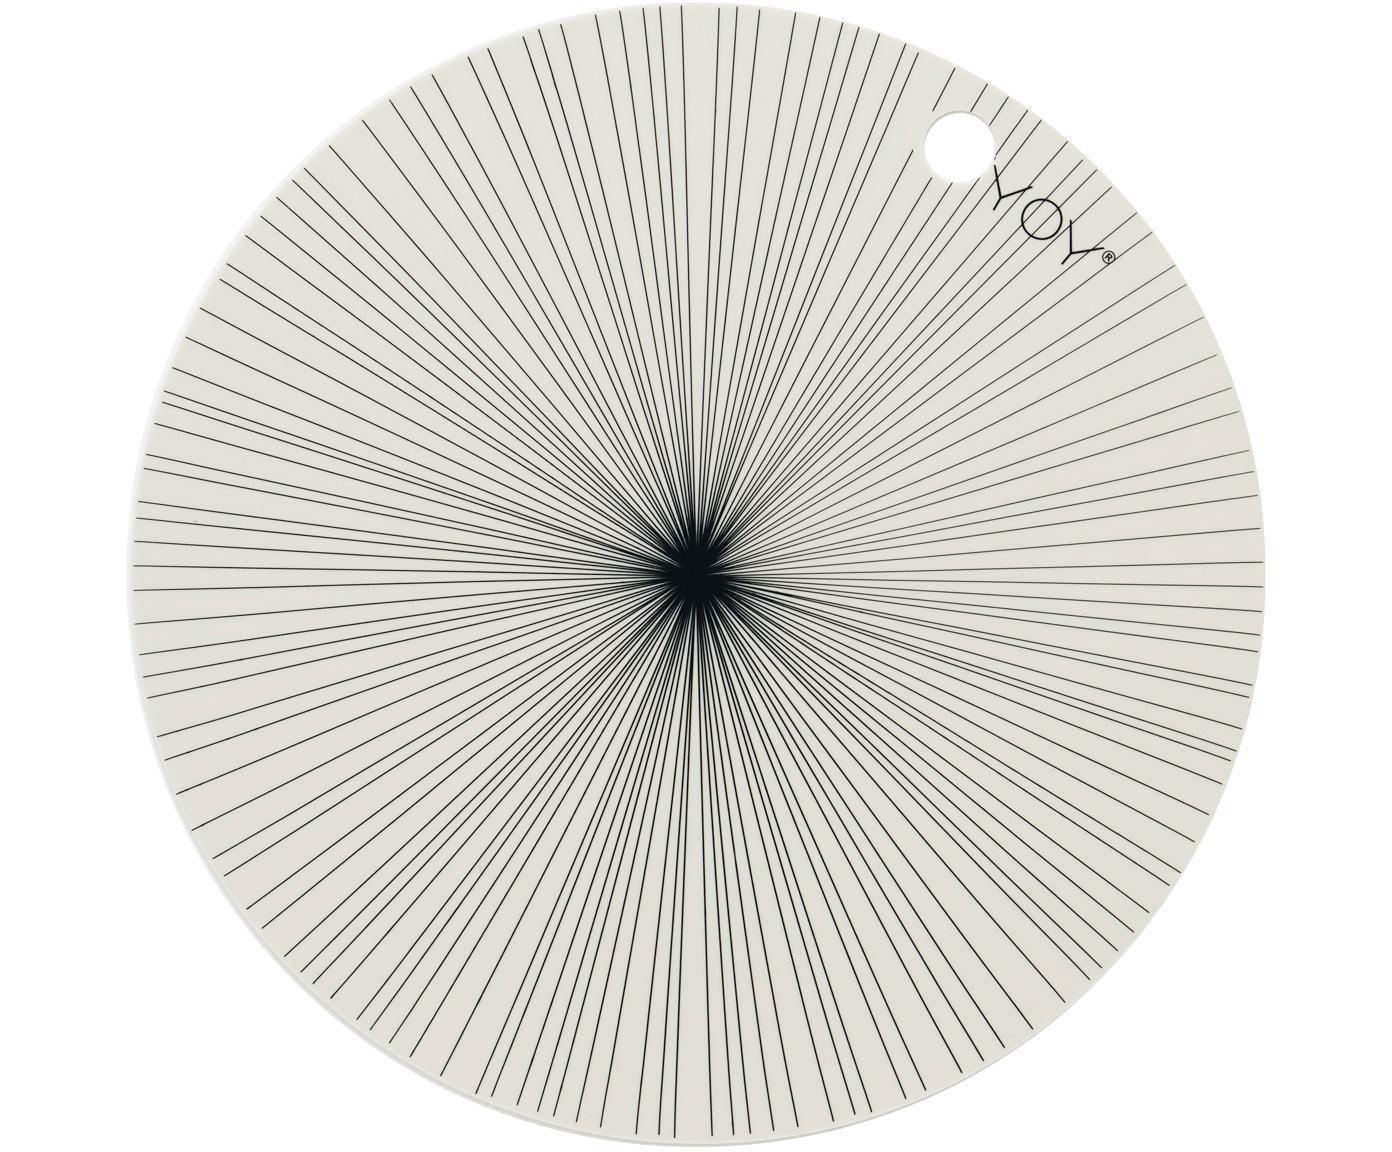 Okrągła podkładka z silikonu Ray, 2 szt., Silikon, Złamana biel, czarny, Ø 39 cm